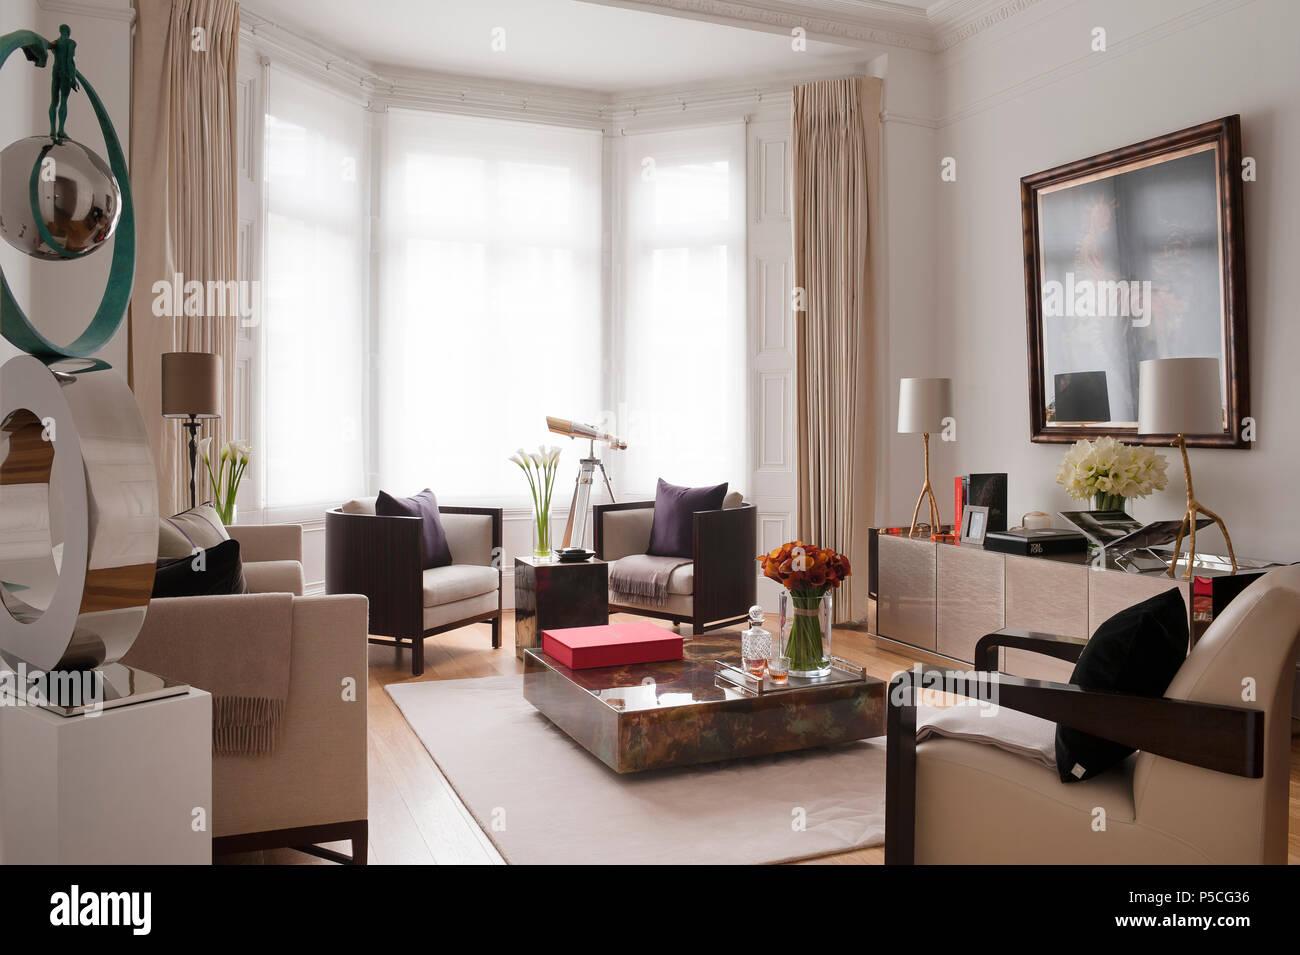 Im Art déco-Stil Wohnzimmer Stockfoto, Bild: 209873754 - Alamy